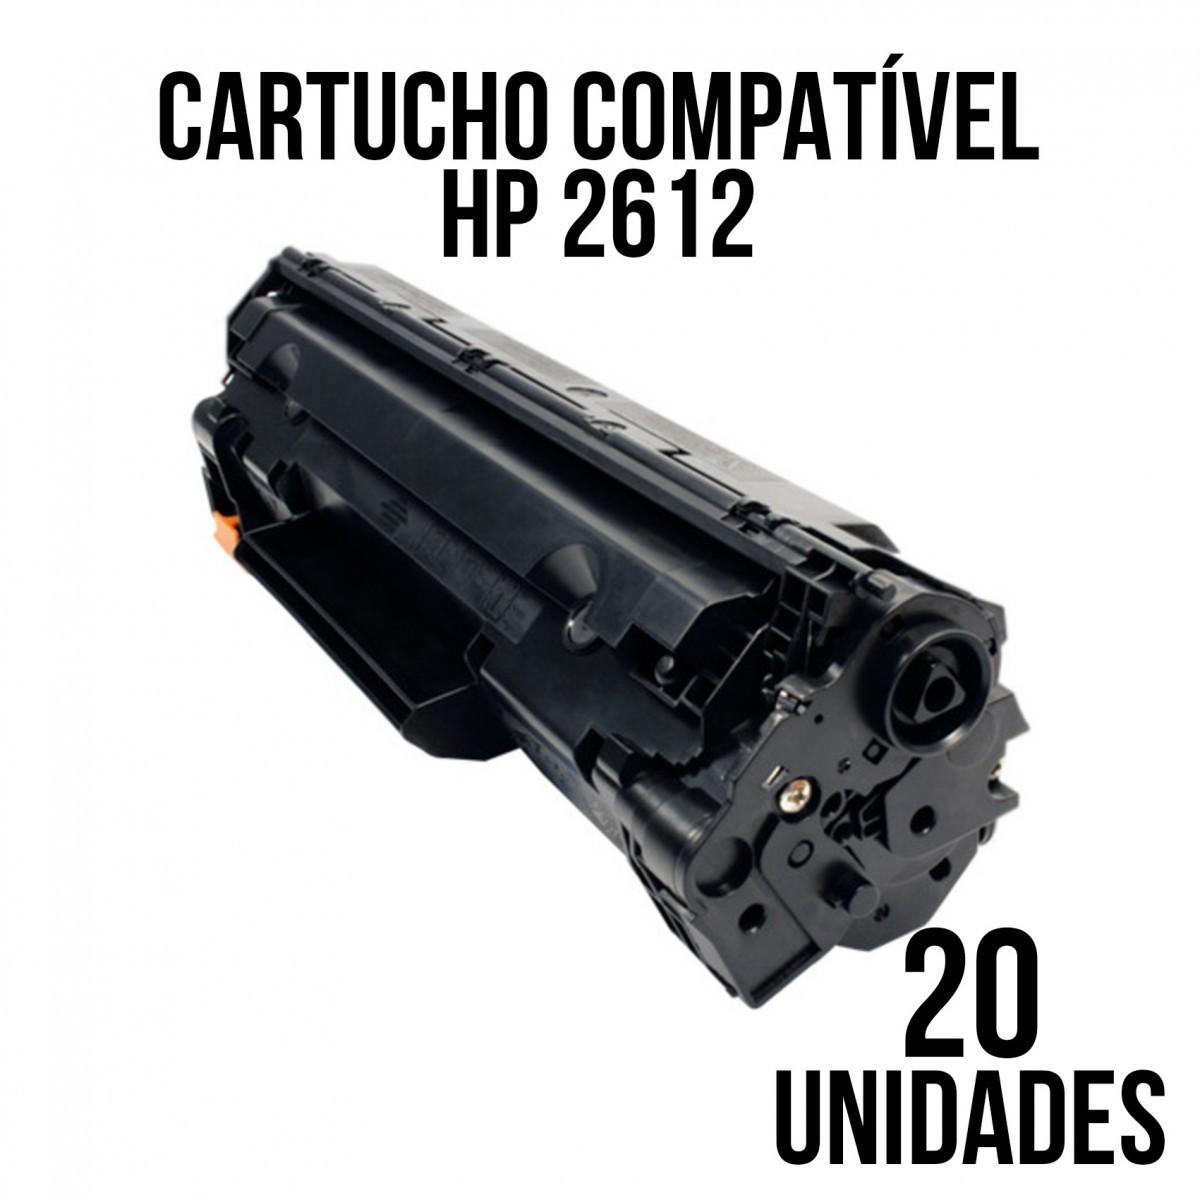 TONER HP 2612 A COMP. (PERSONAL) - COM 20 UNIDADES